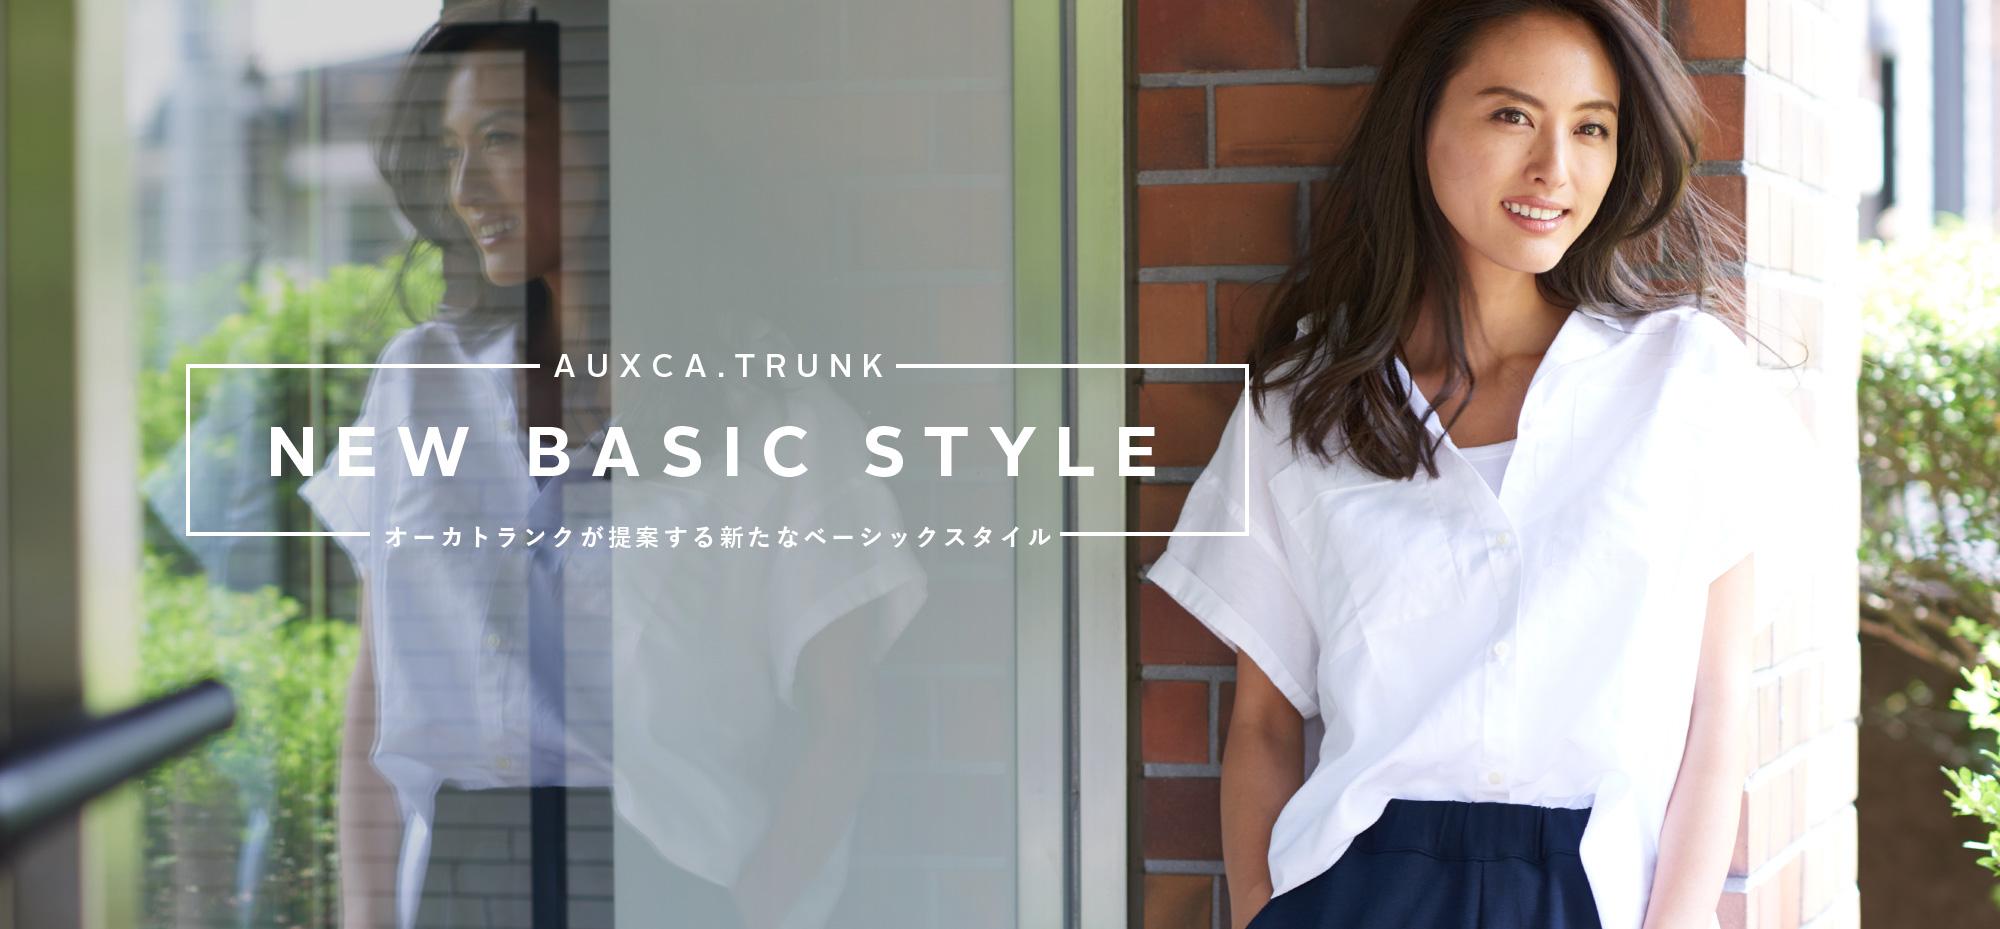 AUXCA.TRUNK NEW BASIC STYLE オーカトランクが提案する新たなベーシックスタイル